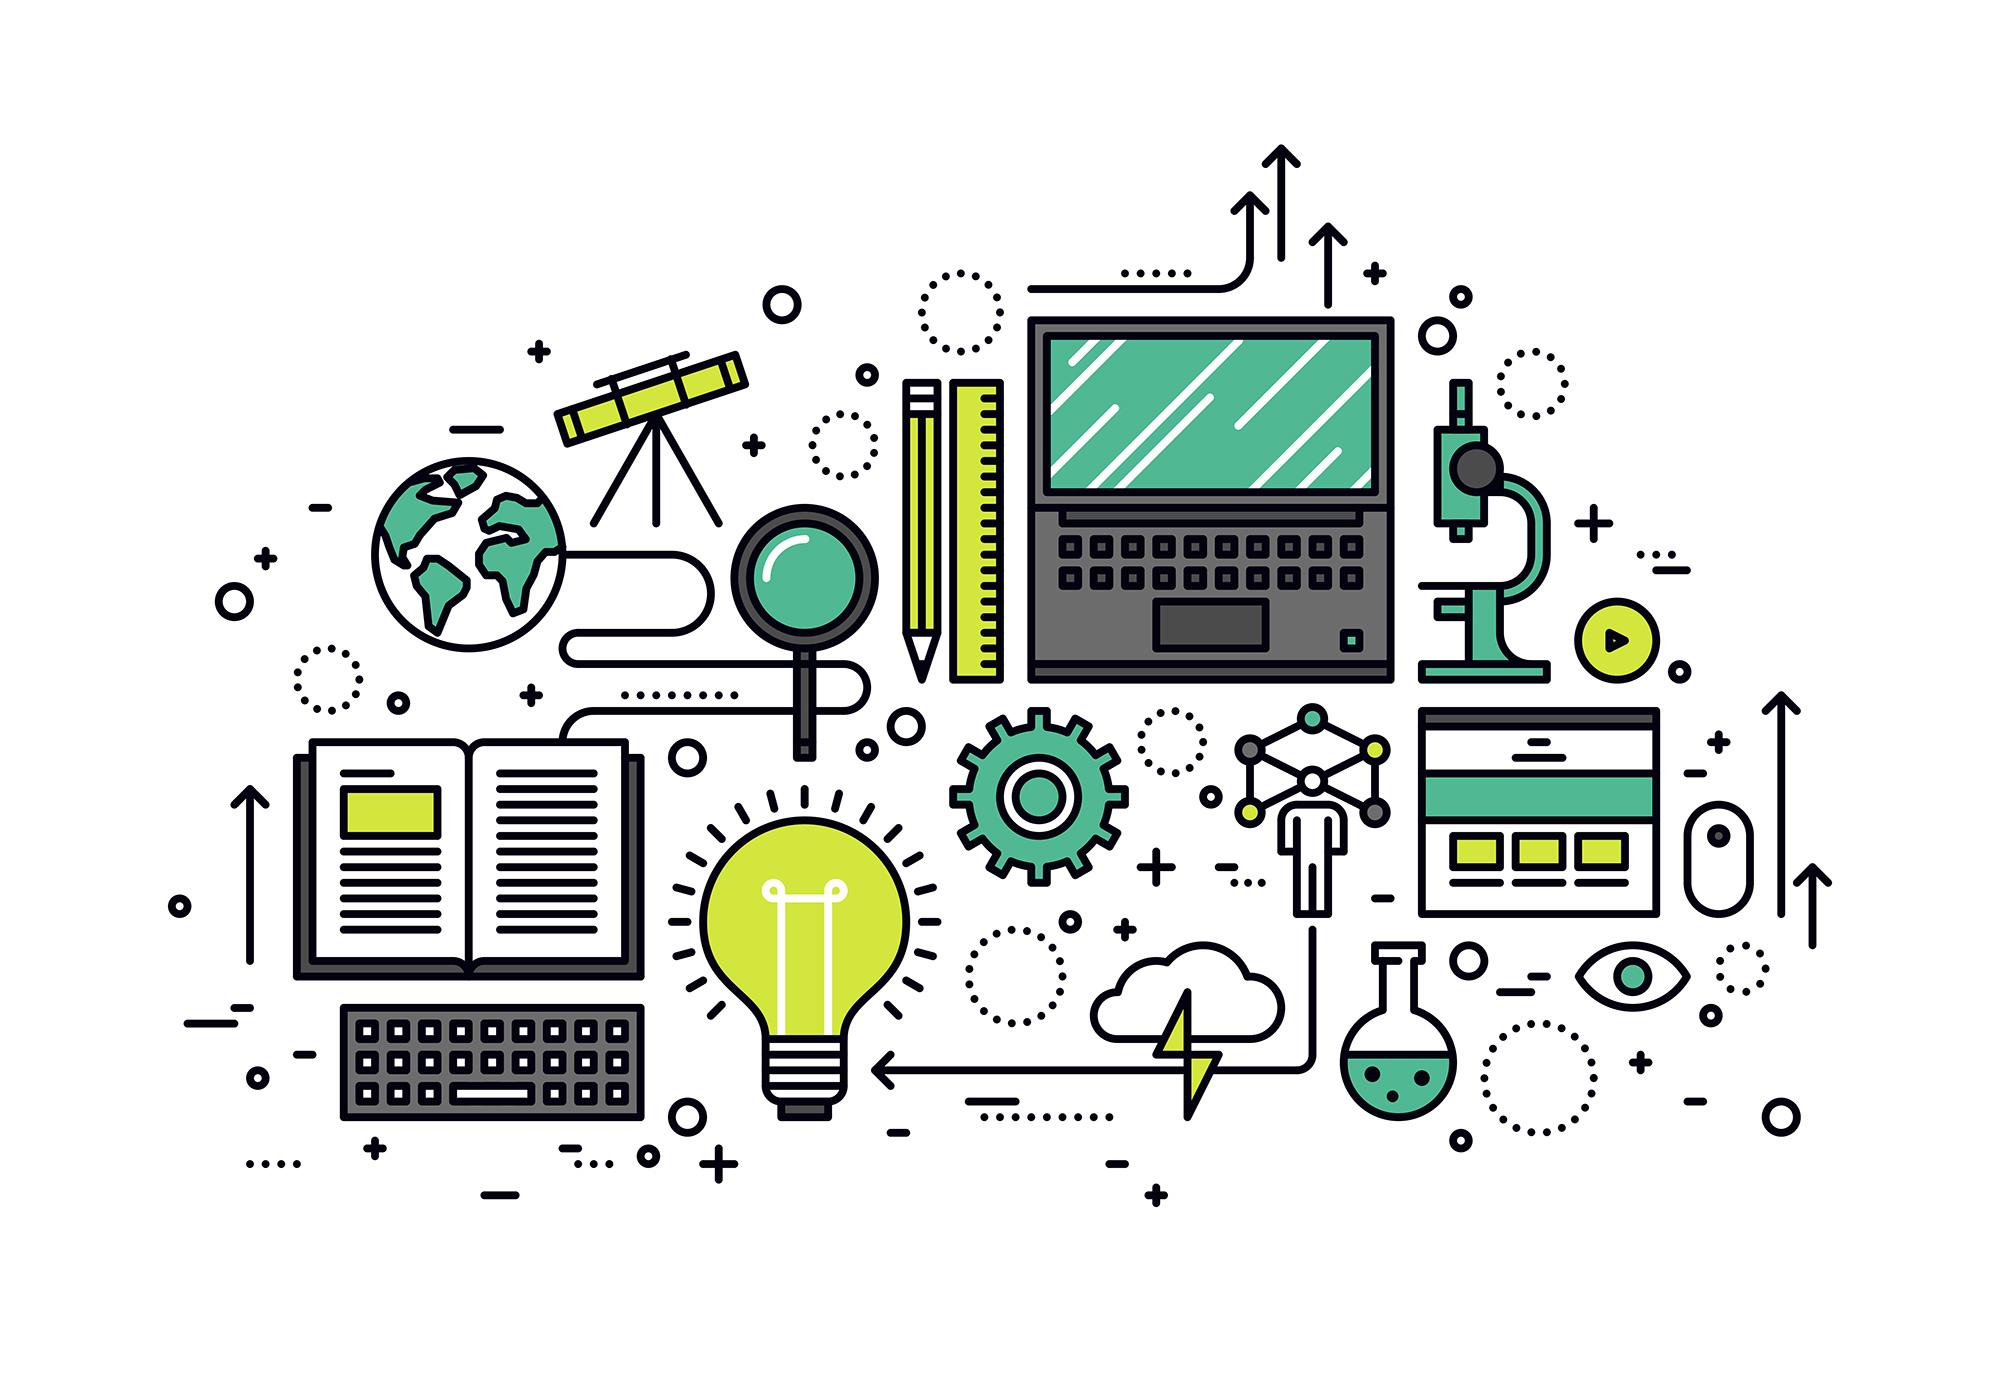 10 Tendencias tecnológicas para 2018 y 2019   TicNegocios.es  10 Tendencias t...